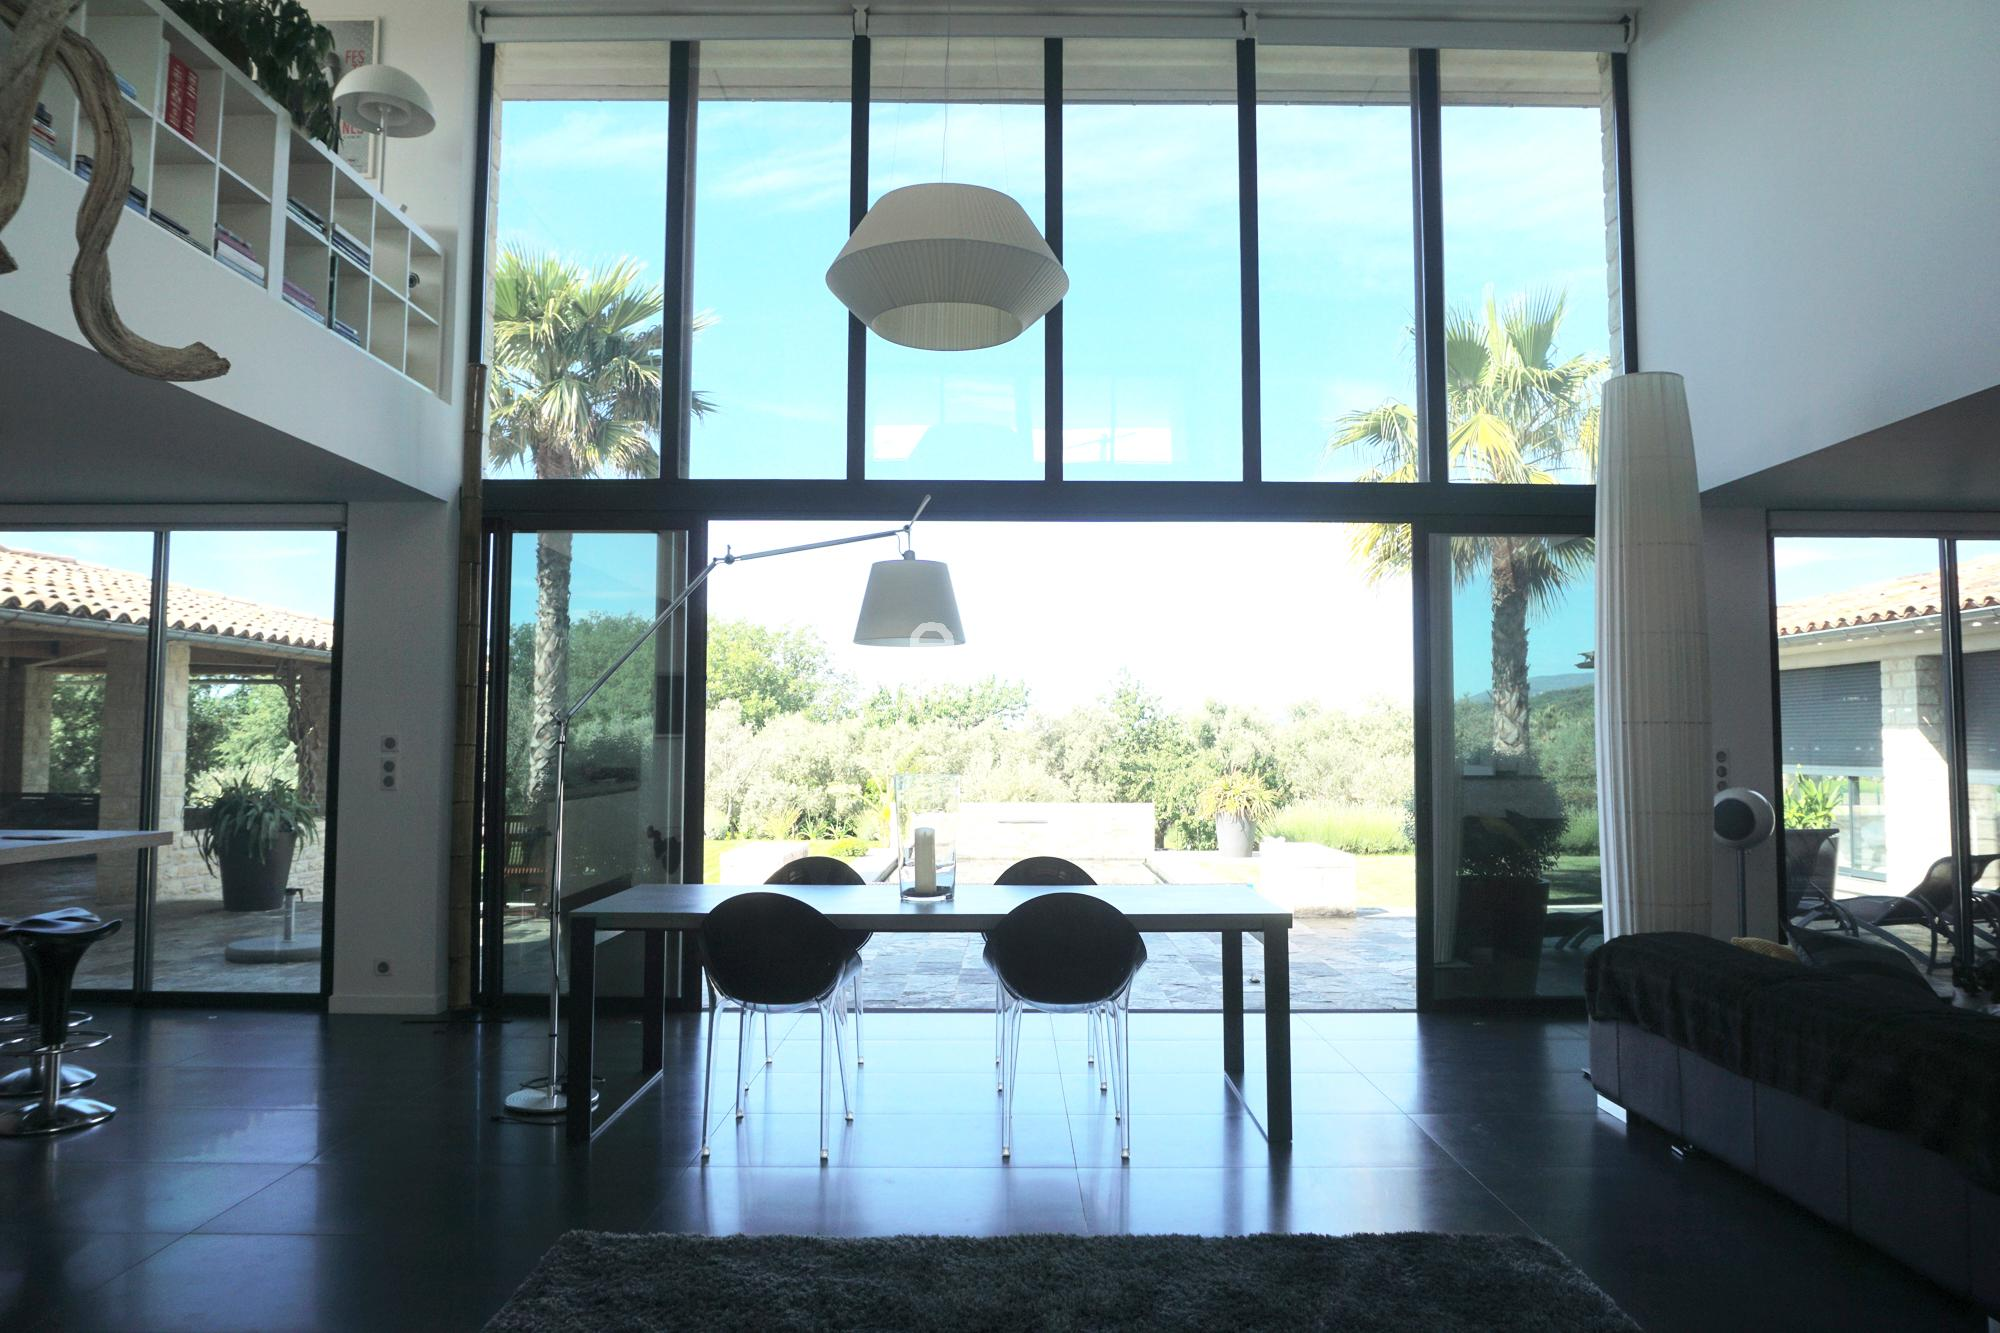 louer une maison contemporaine pour photo et tournage nice lieux lieu louer pour tournage dans. Black Bedroom Furniture Sets. Home Design Ideas